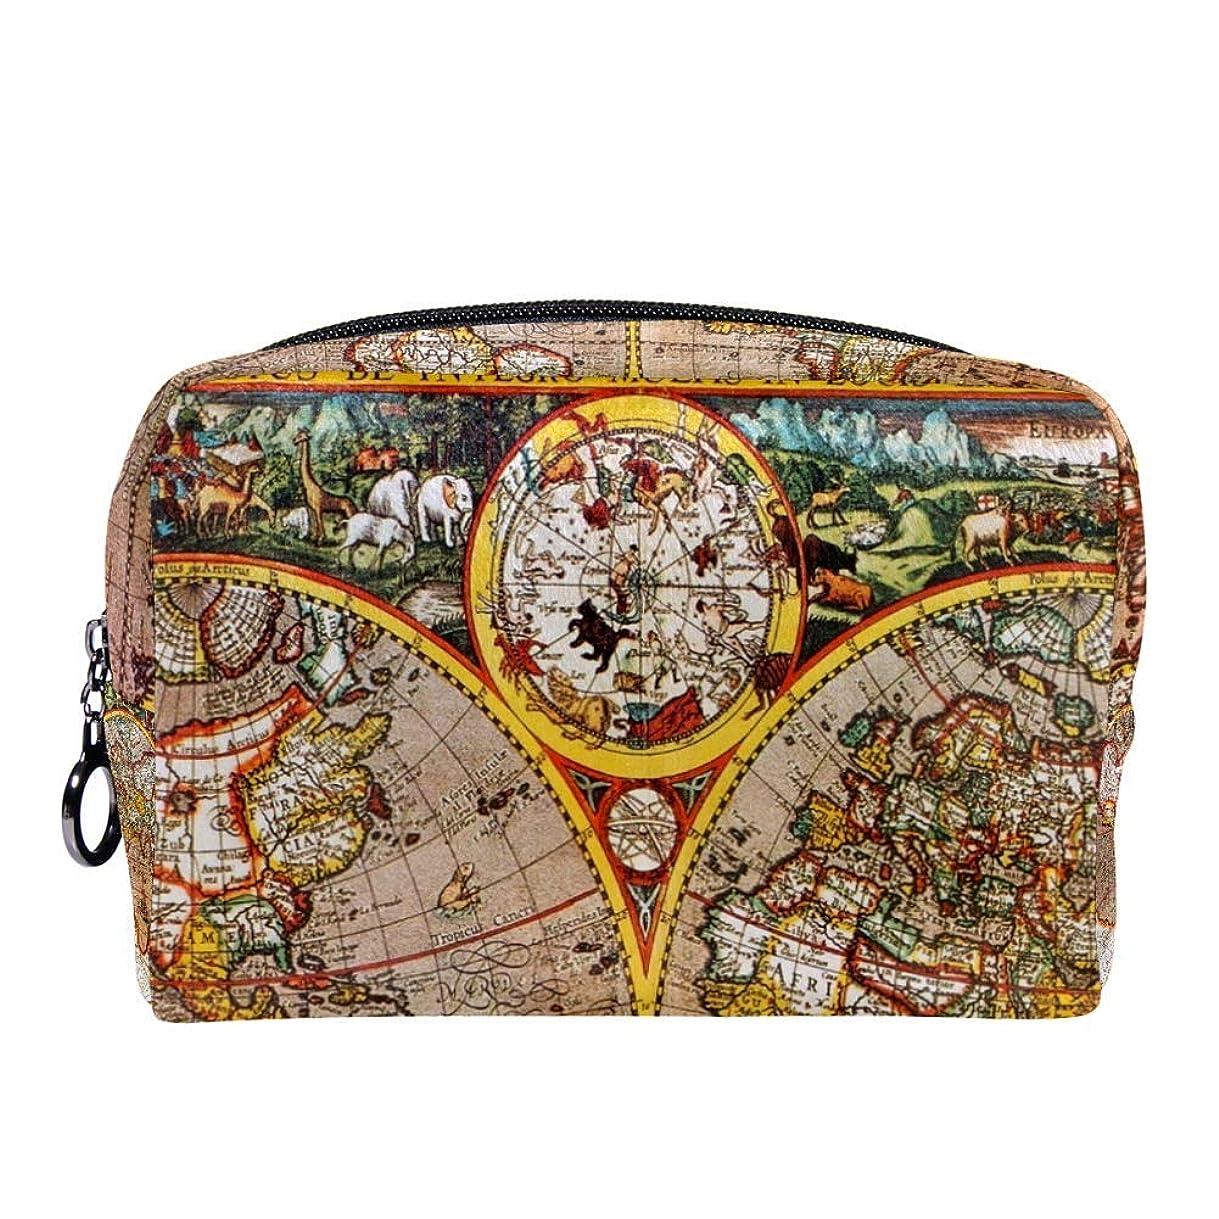 軽減する雑多なスリップシューズDragon Sword 化粧ポーチ 古い 復古 世界地図 コスメポーチ メイクポーチ コンパクト ふわふわ 化粧品収納 小物入れ 18x7x13cm 出張 旅行 プレゼント